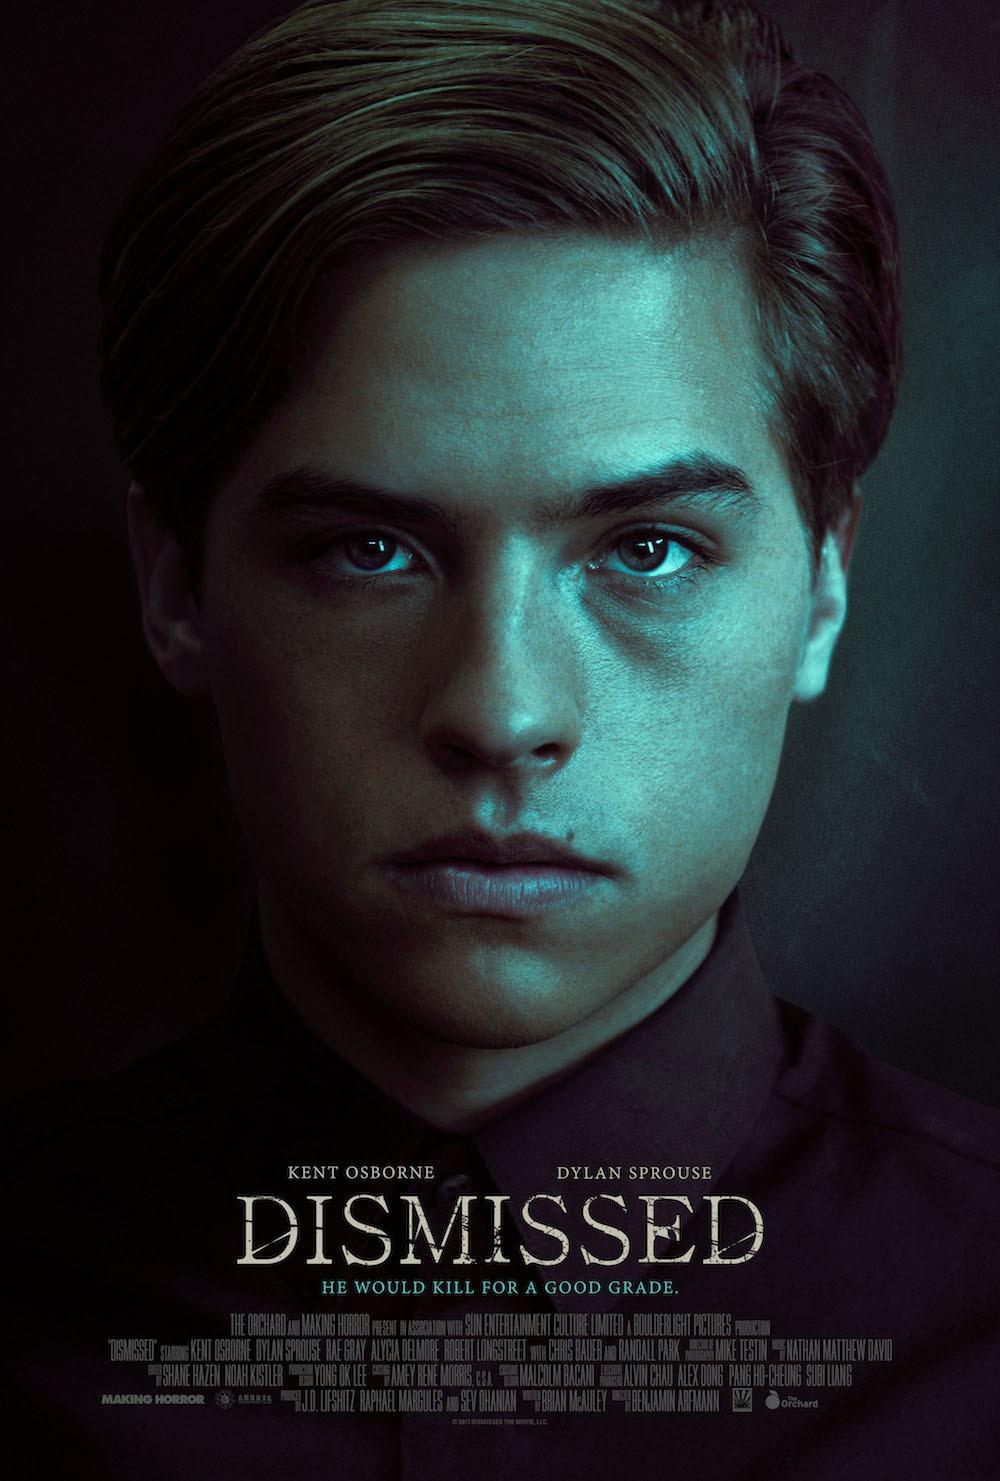 Dismissed Film